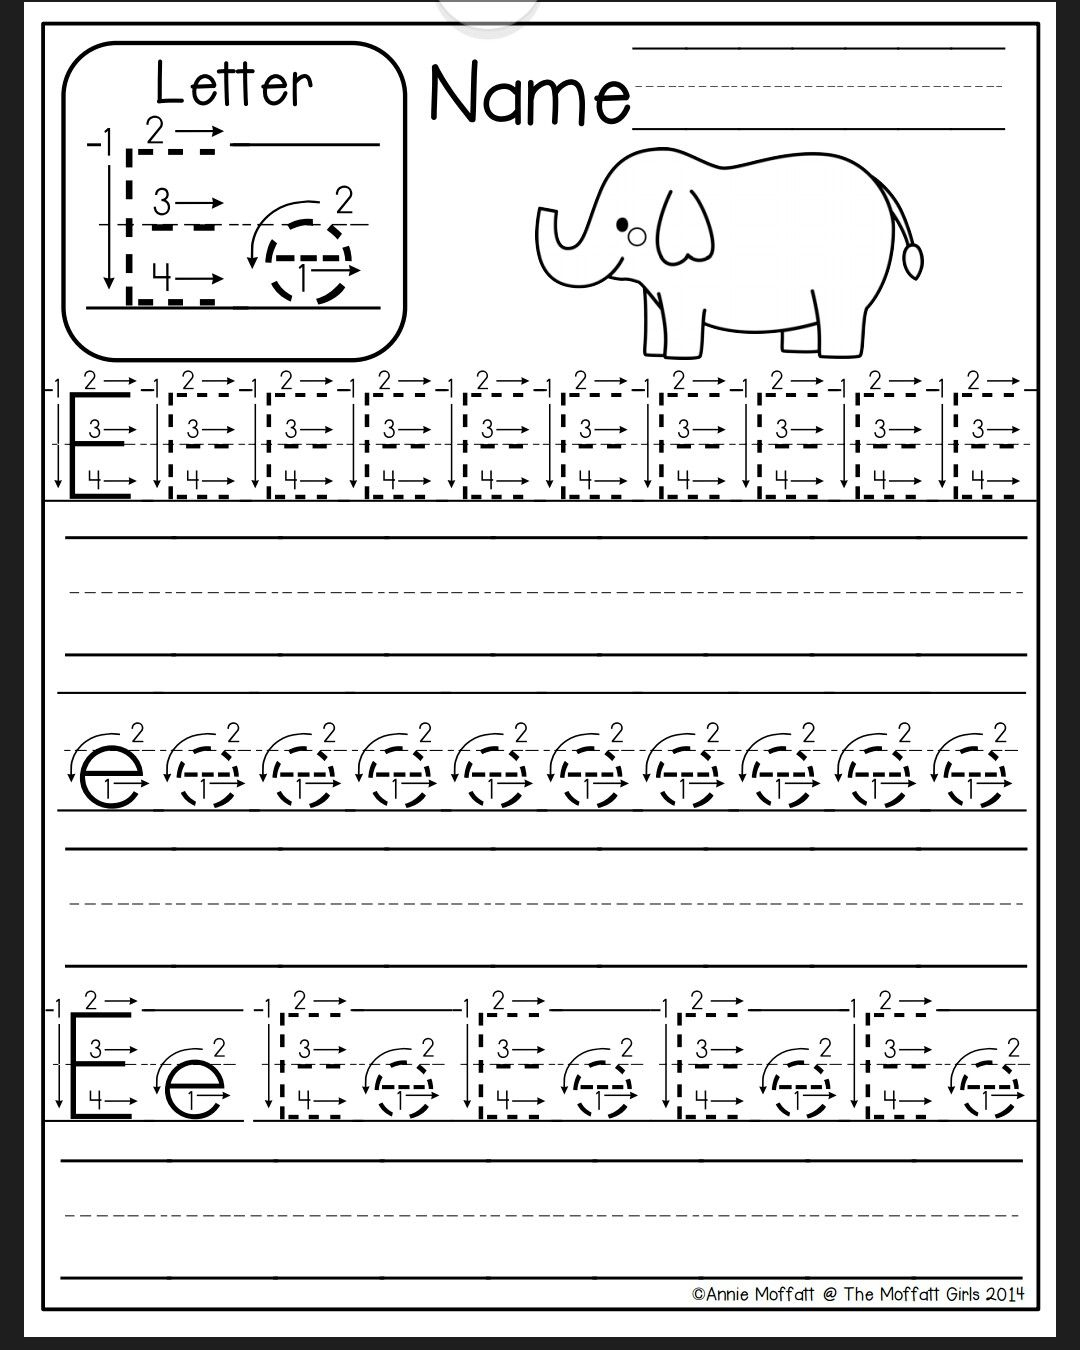 Letter E Worksheet | Preschool Writing, Preschool Letters inside Letter E Tracing Worksheets